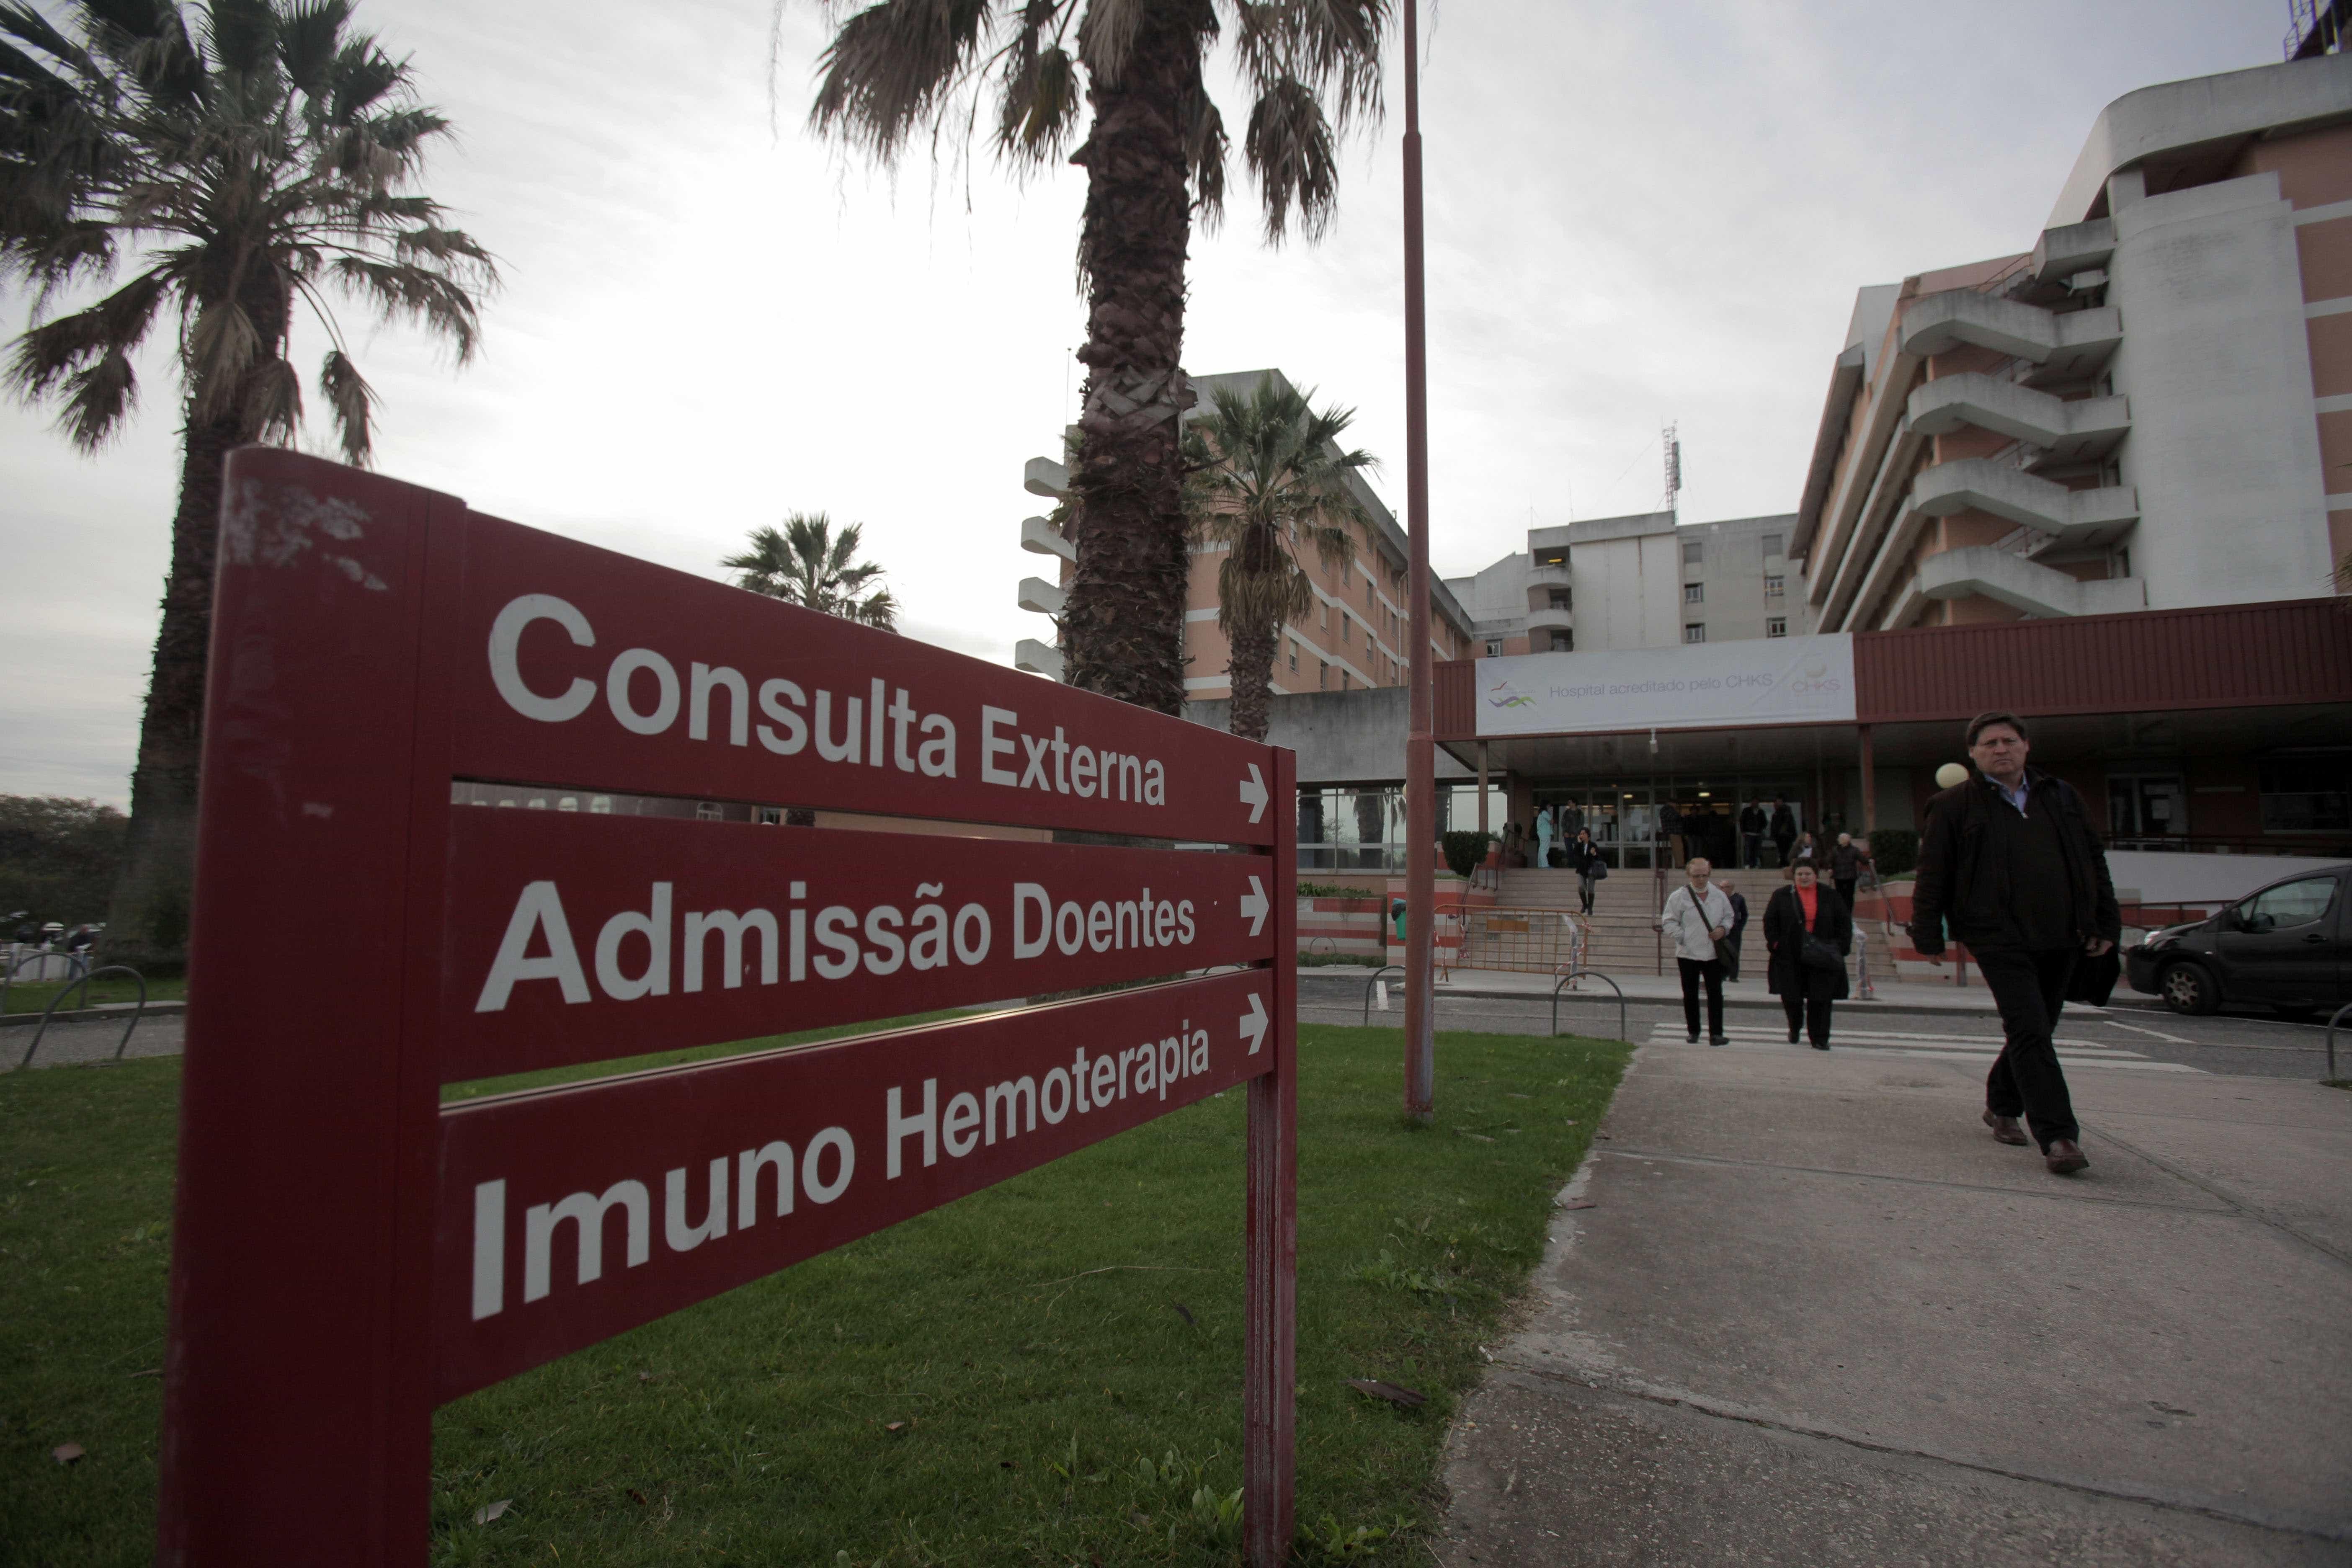 Diretor de pediatria critica contratações em prestação de serviços